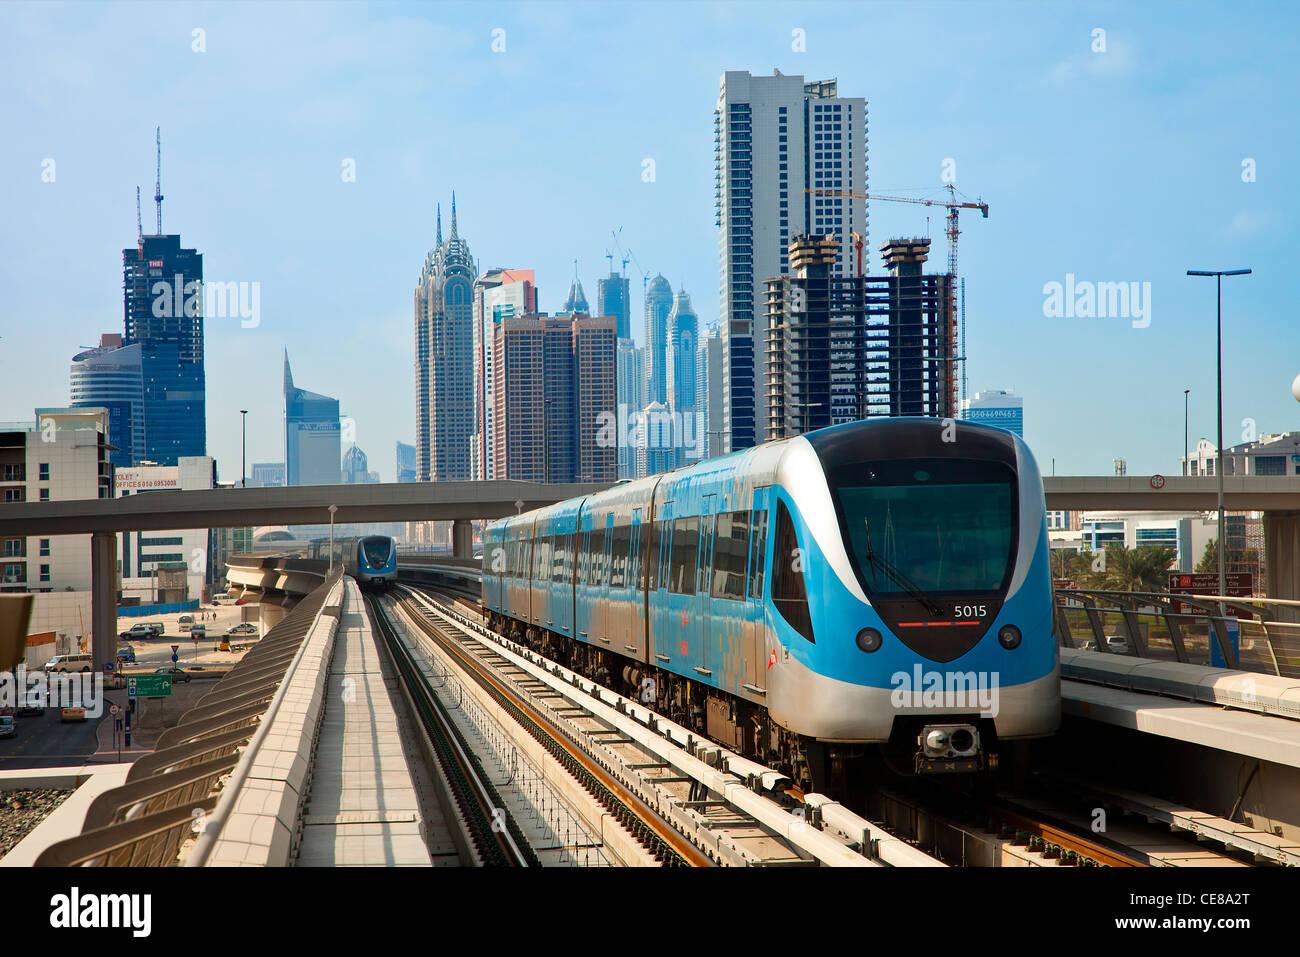 Dubai, Skyline and Dubai Metro - Stock Image